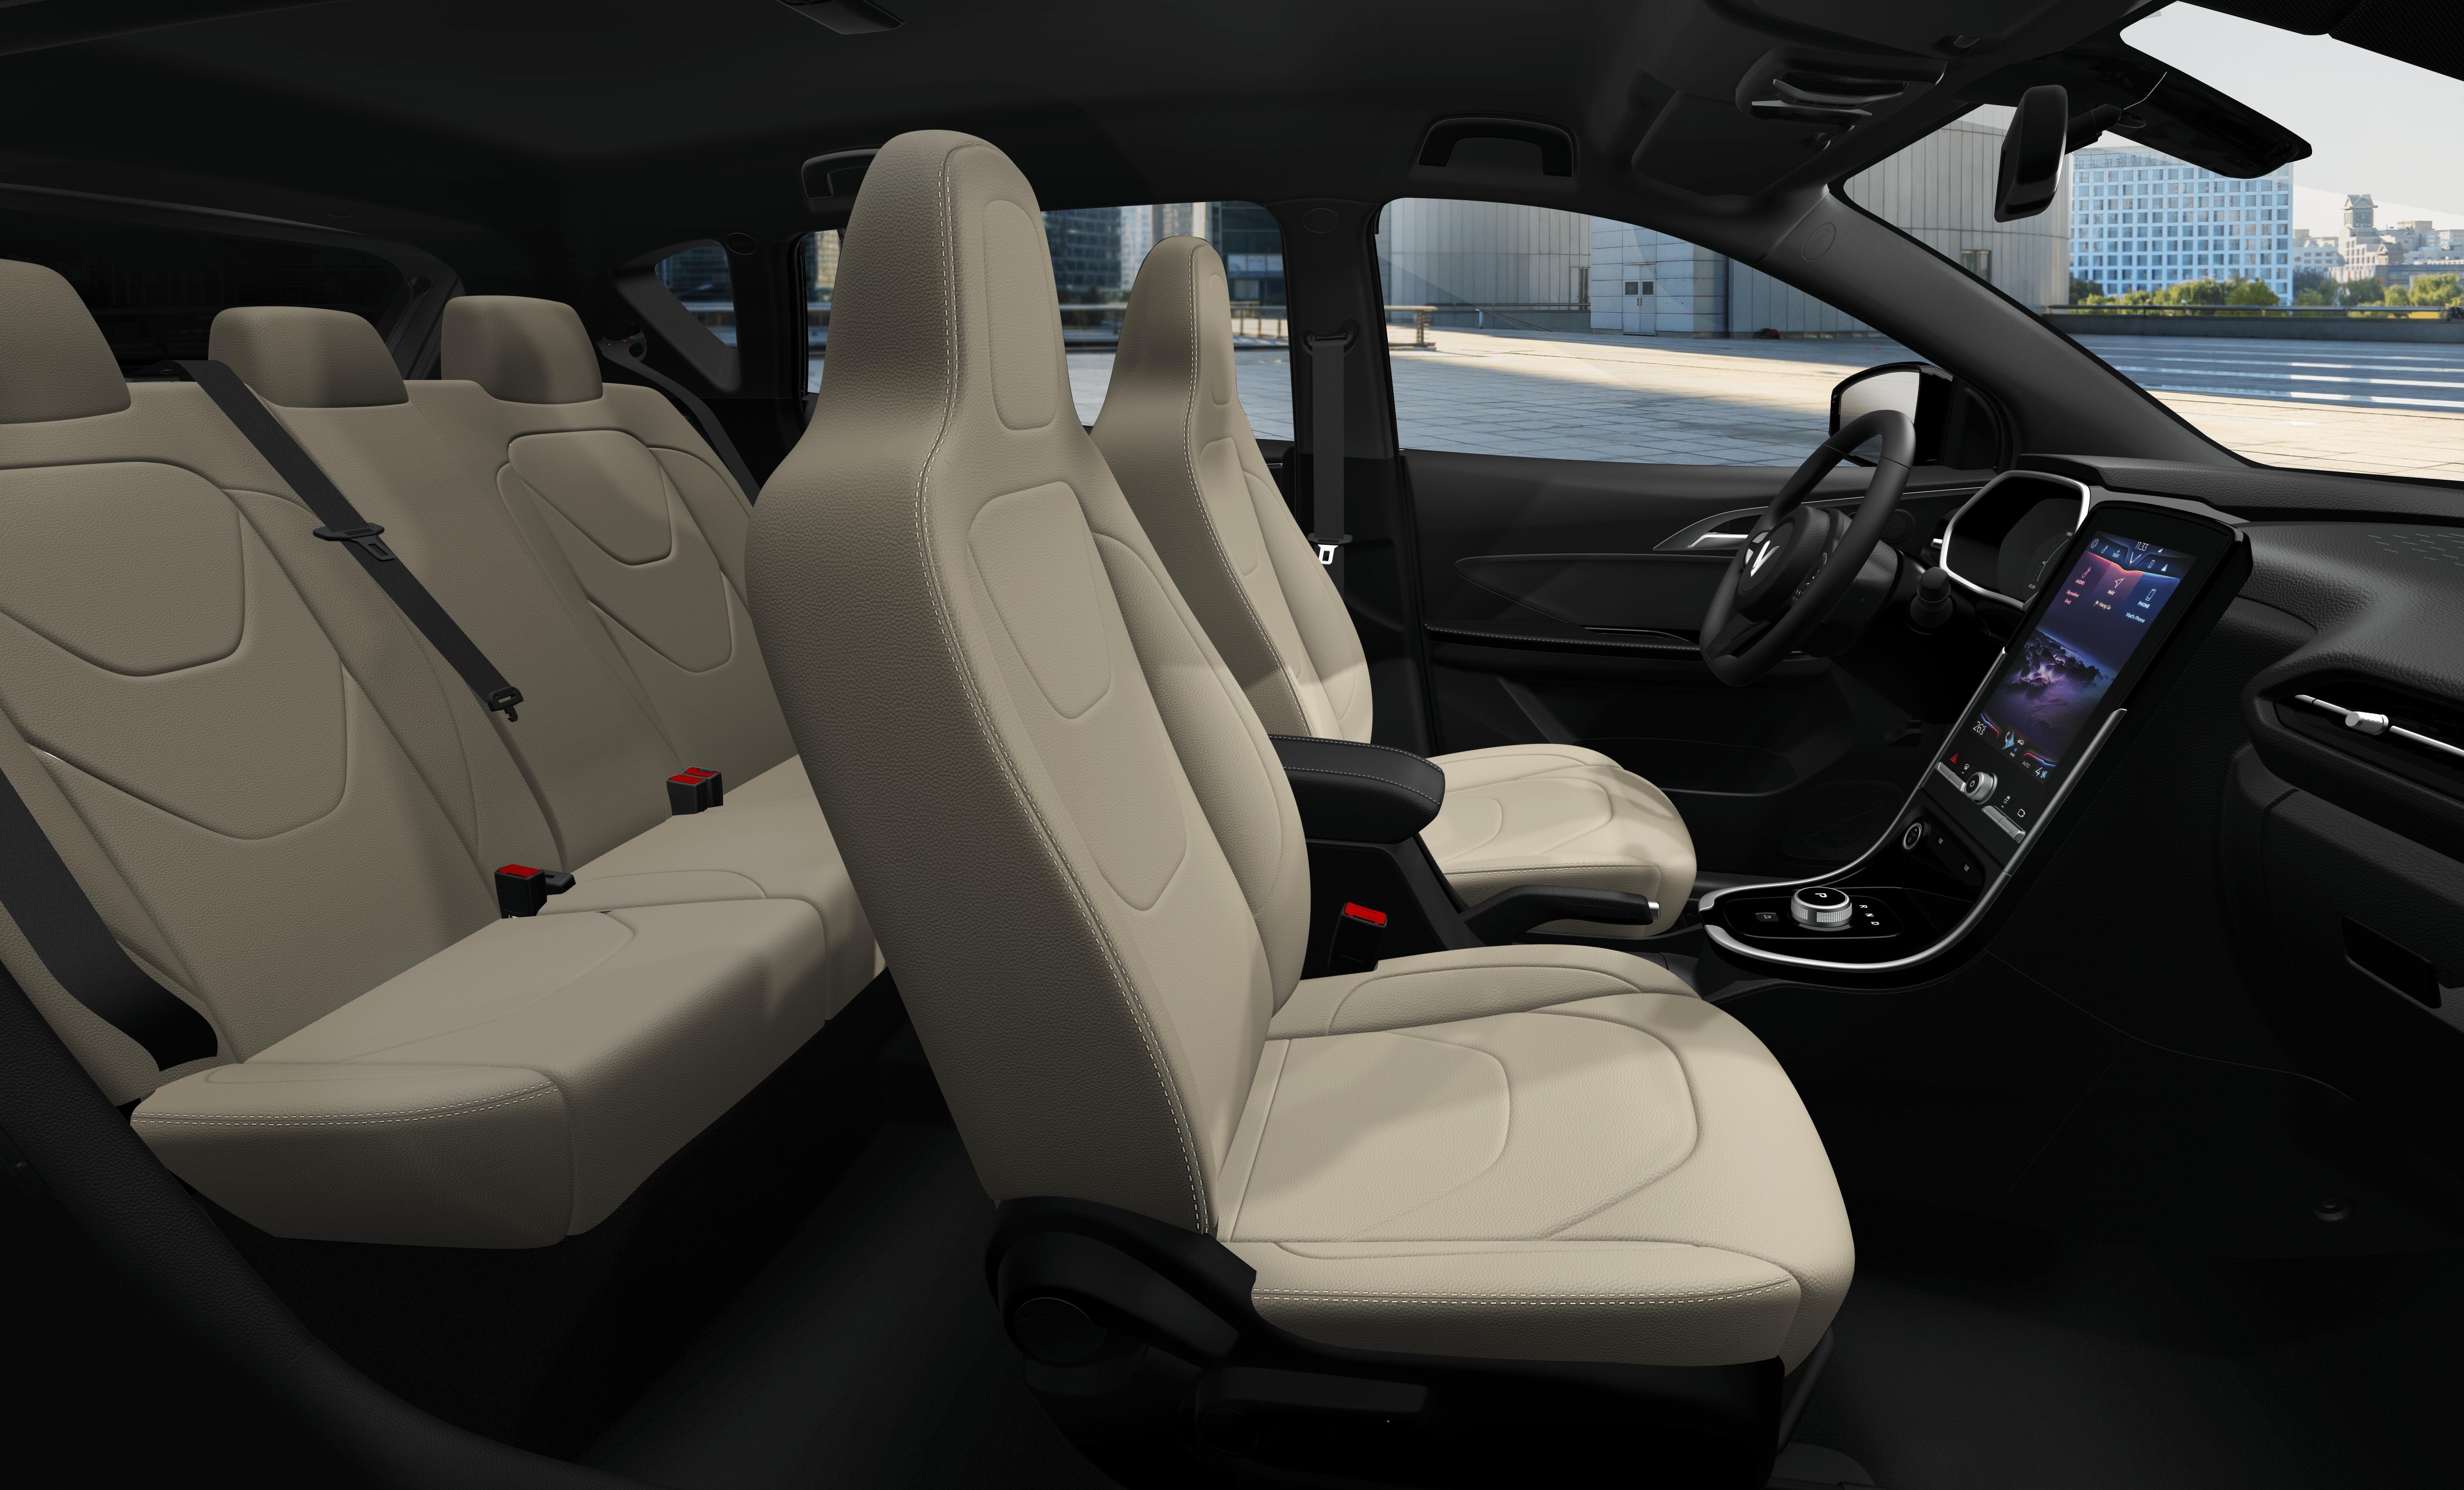 Hình ảnh mô phỏng nội thất màu trắng của xe điện vinfast vf e34